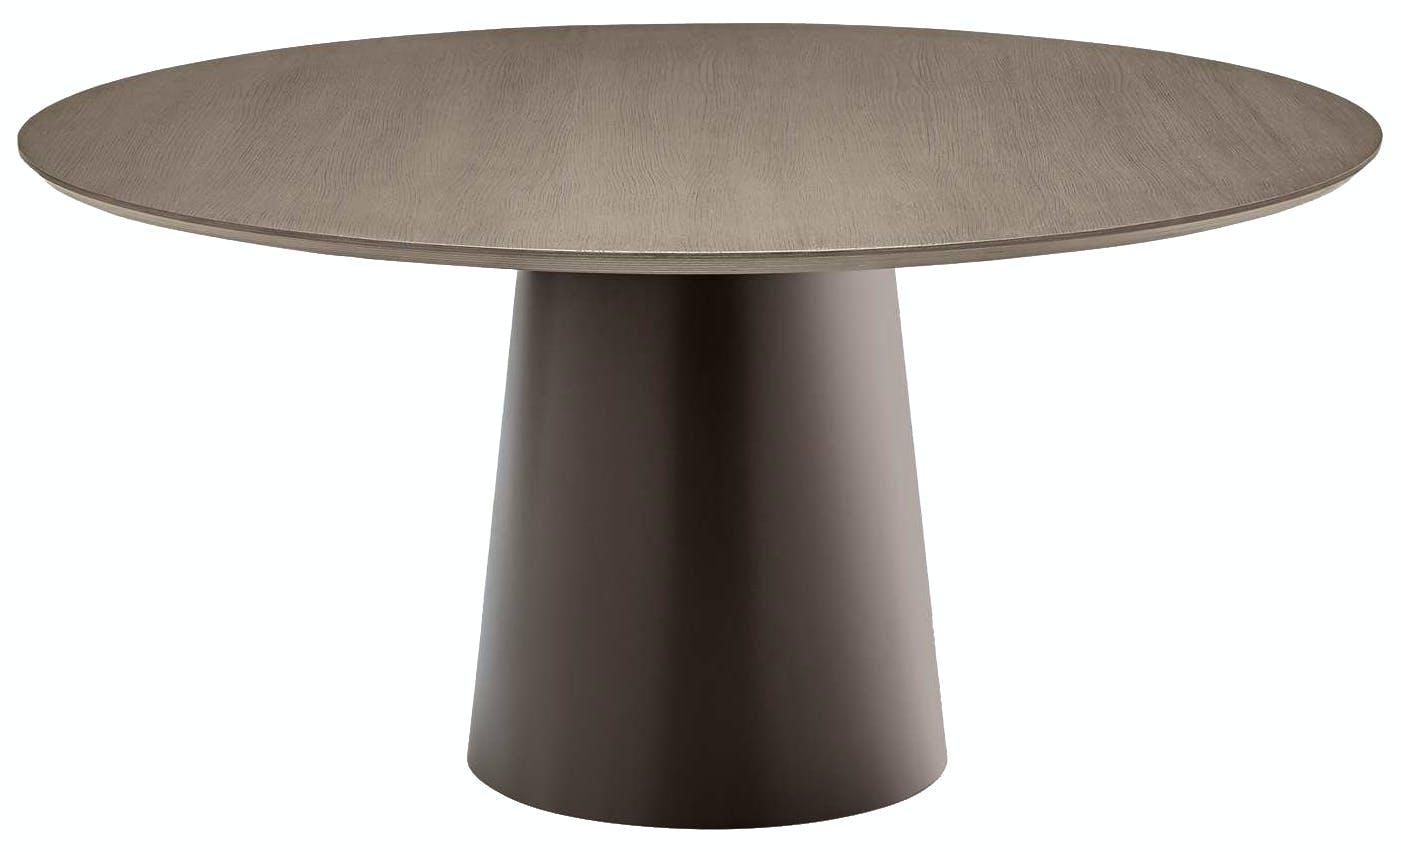 Sovet Totem Dining Table Thumbnail